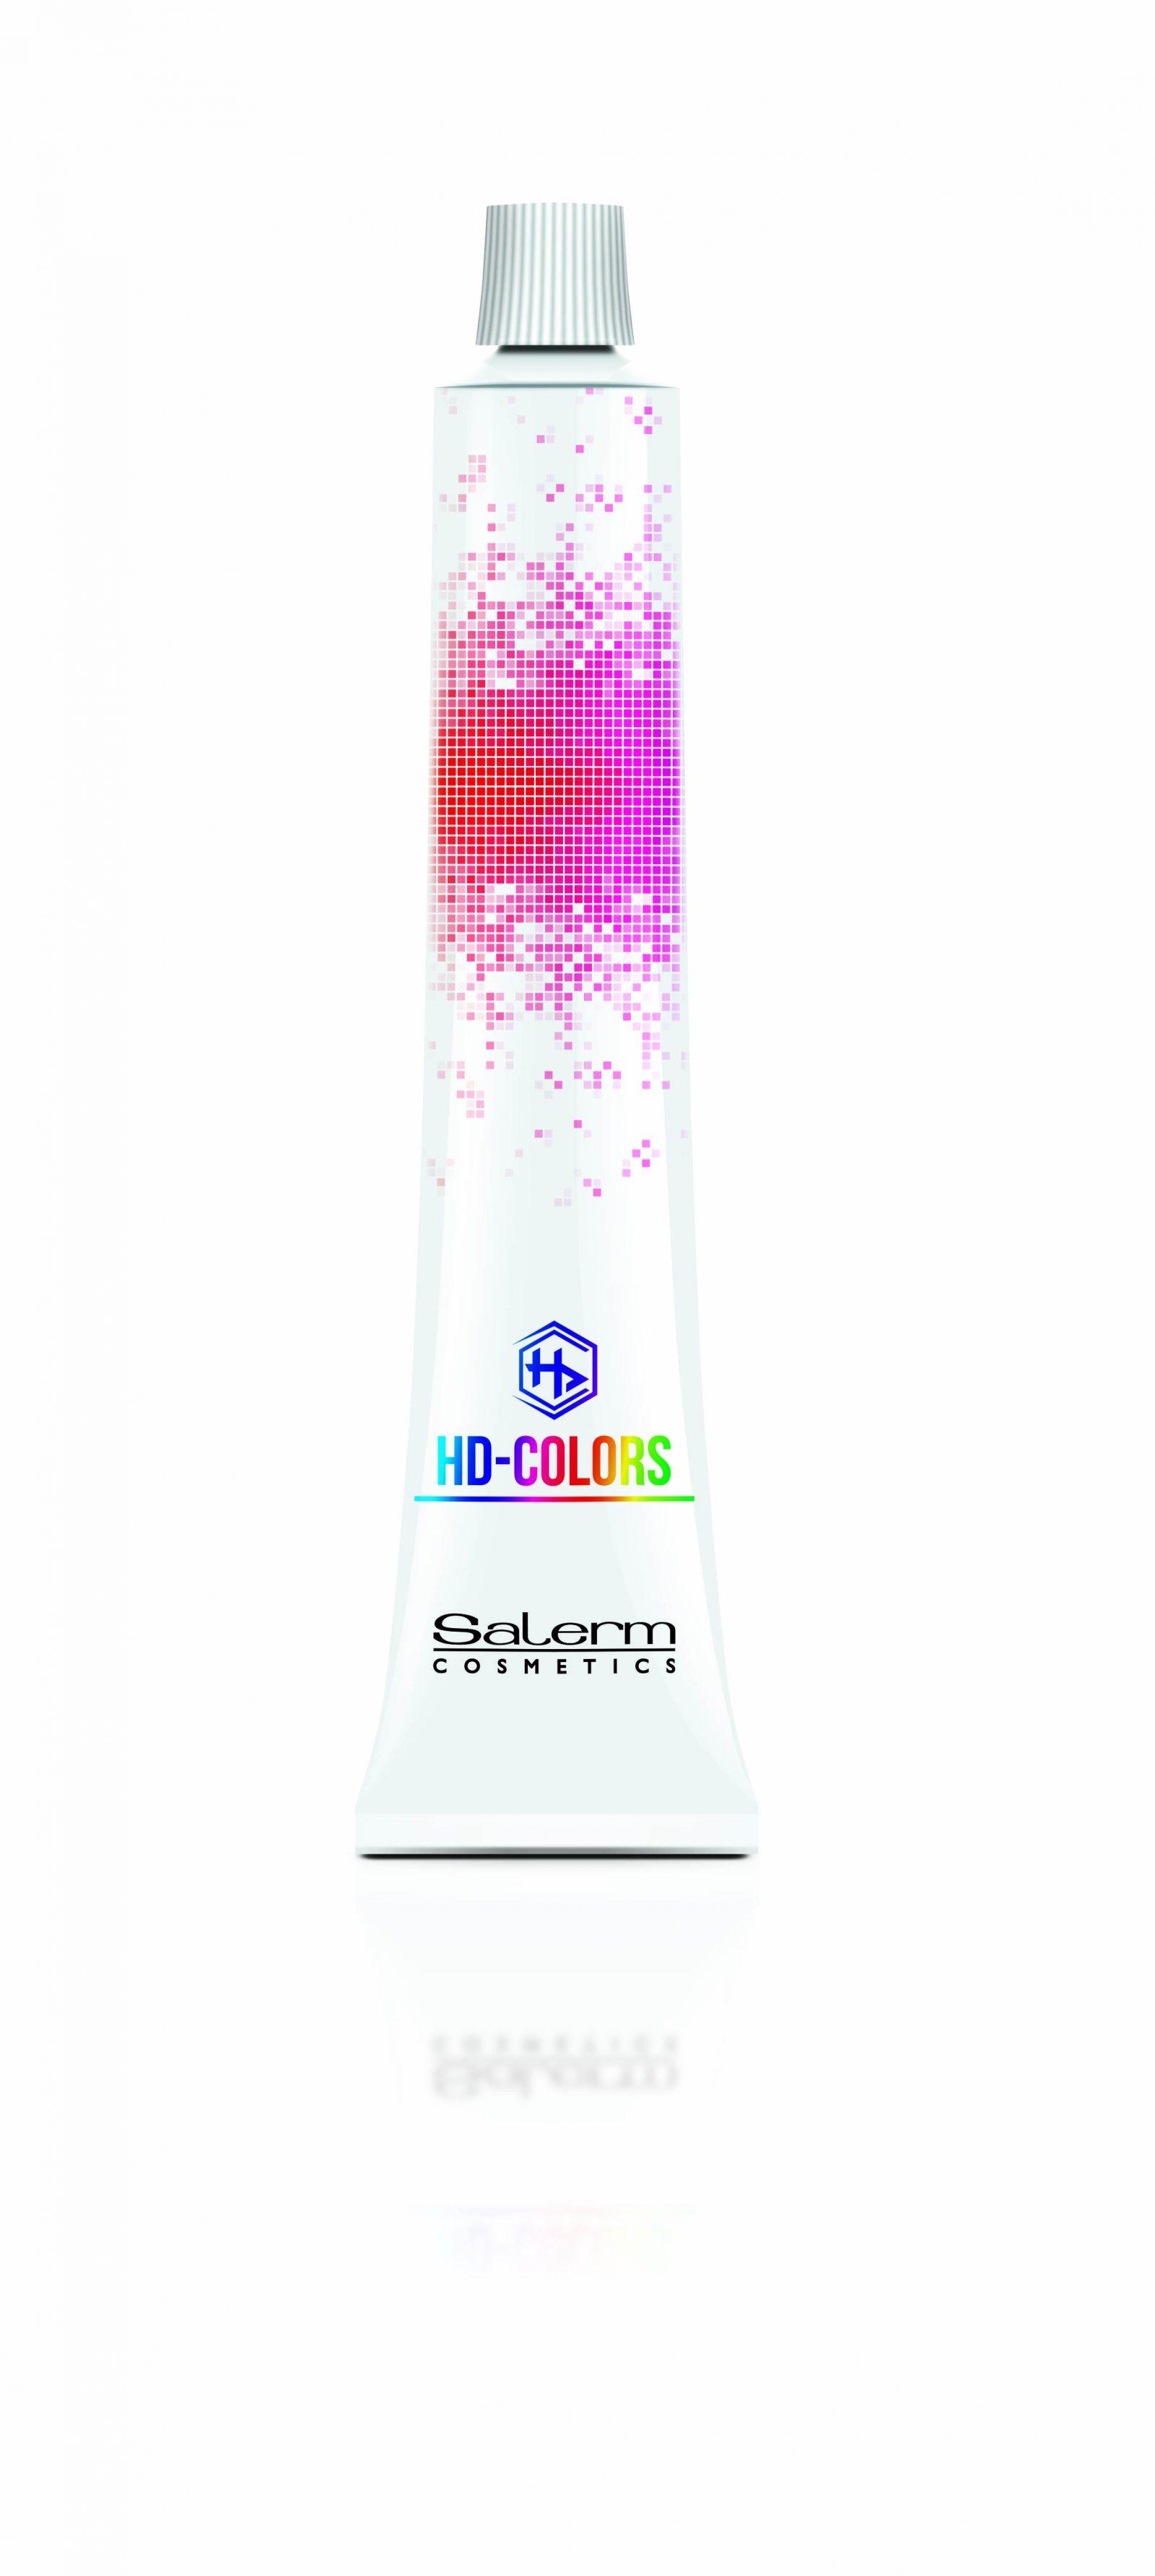 hd colors